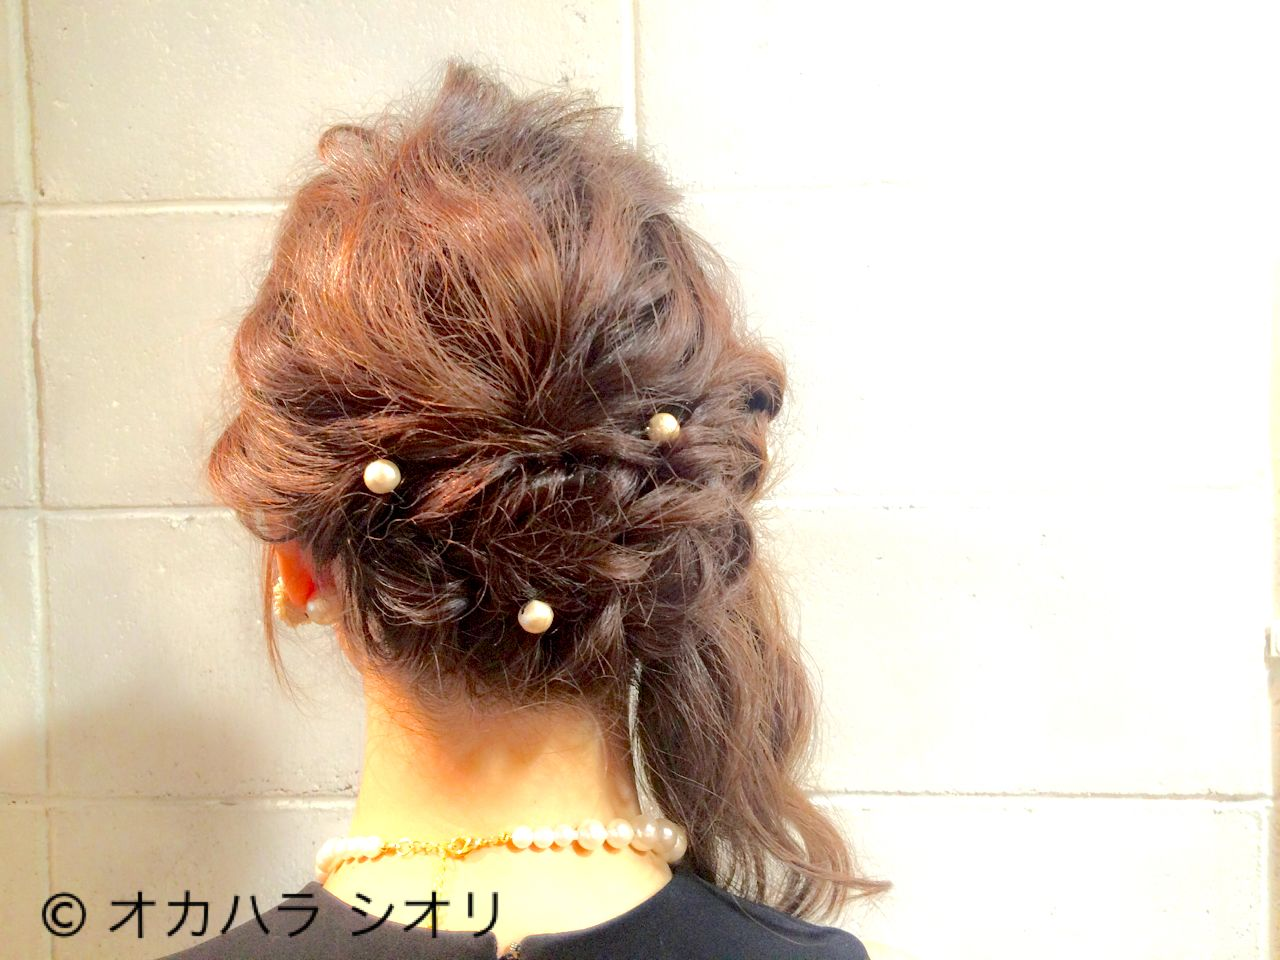 パーティ 波ウェーブ ゆるふわ ミディアム ヘアスタイルや髪型の写真・画像 | オカハラ シオリ / ninon